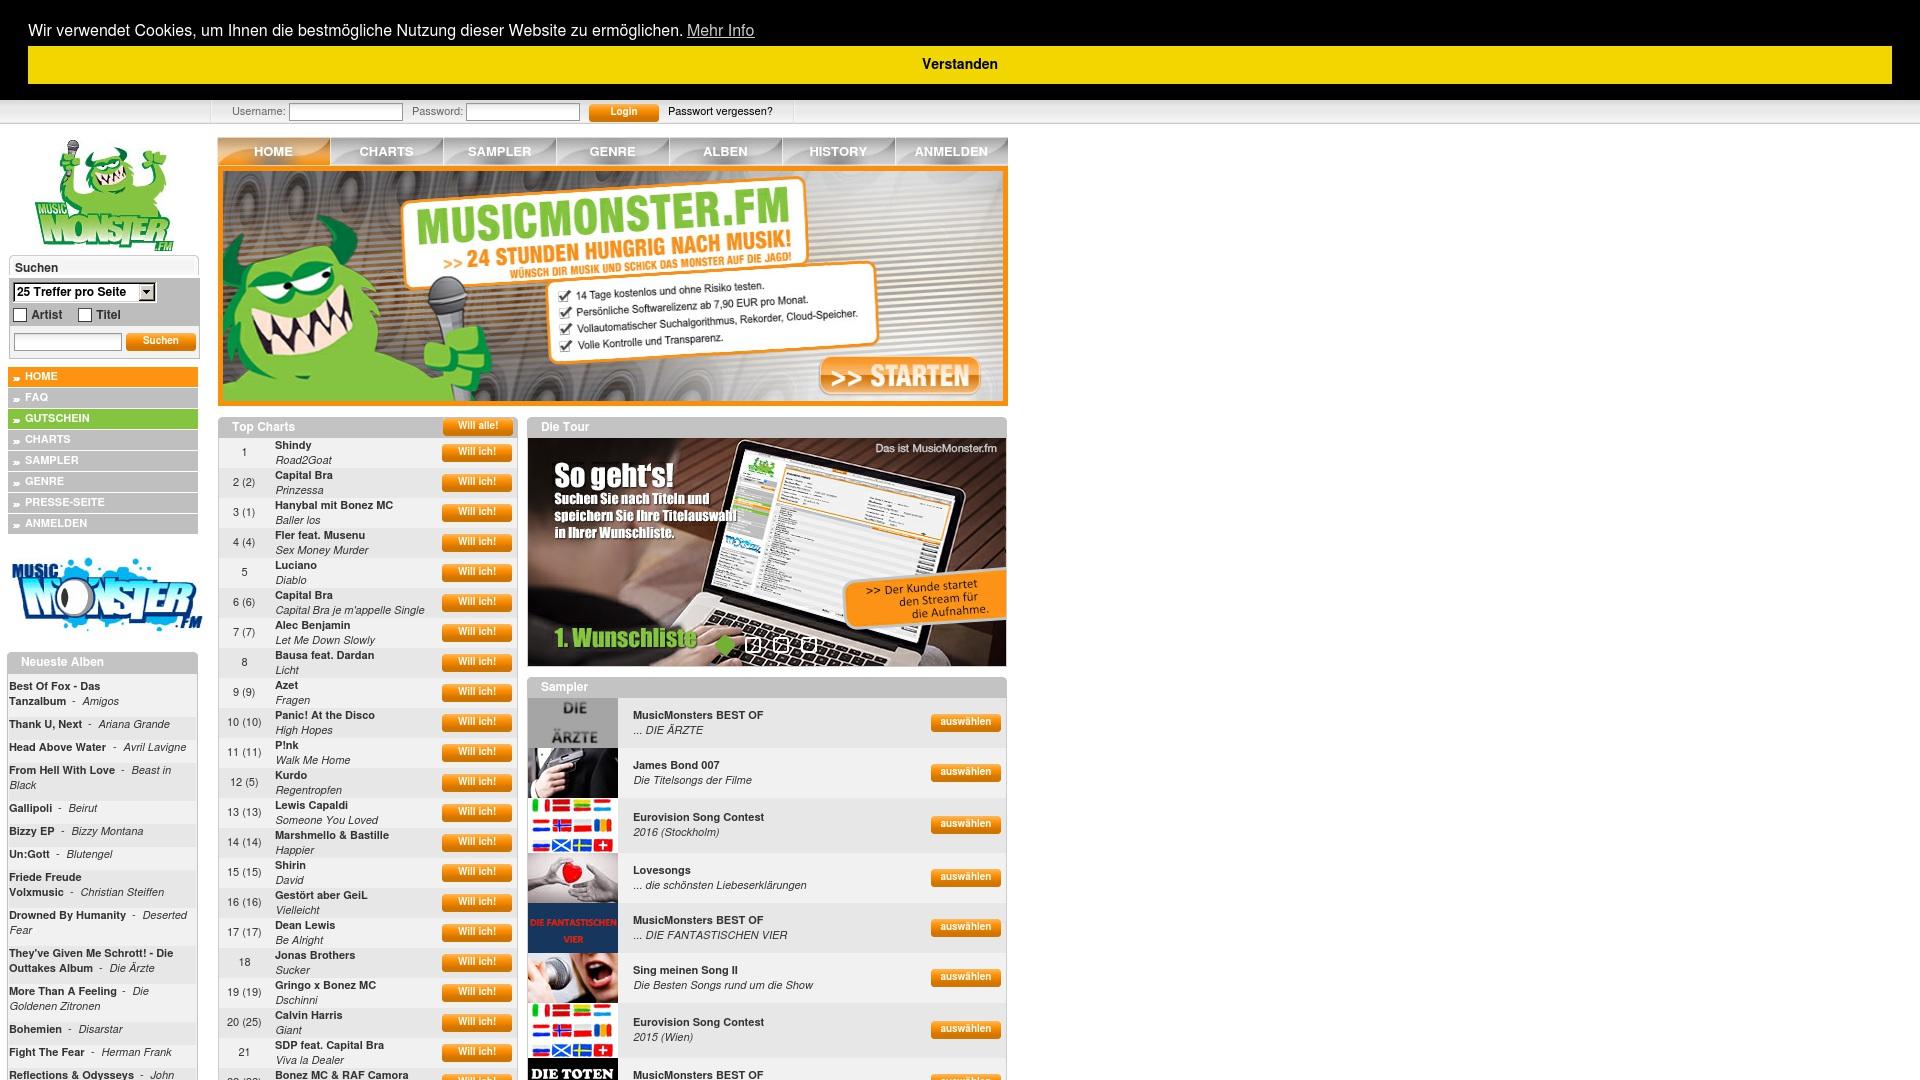 Gutschein für Musicmonster: Rabatte für  Musicmonster sichern